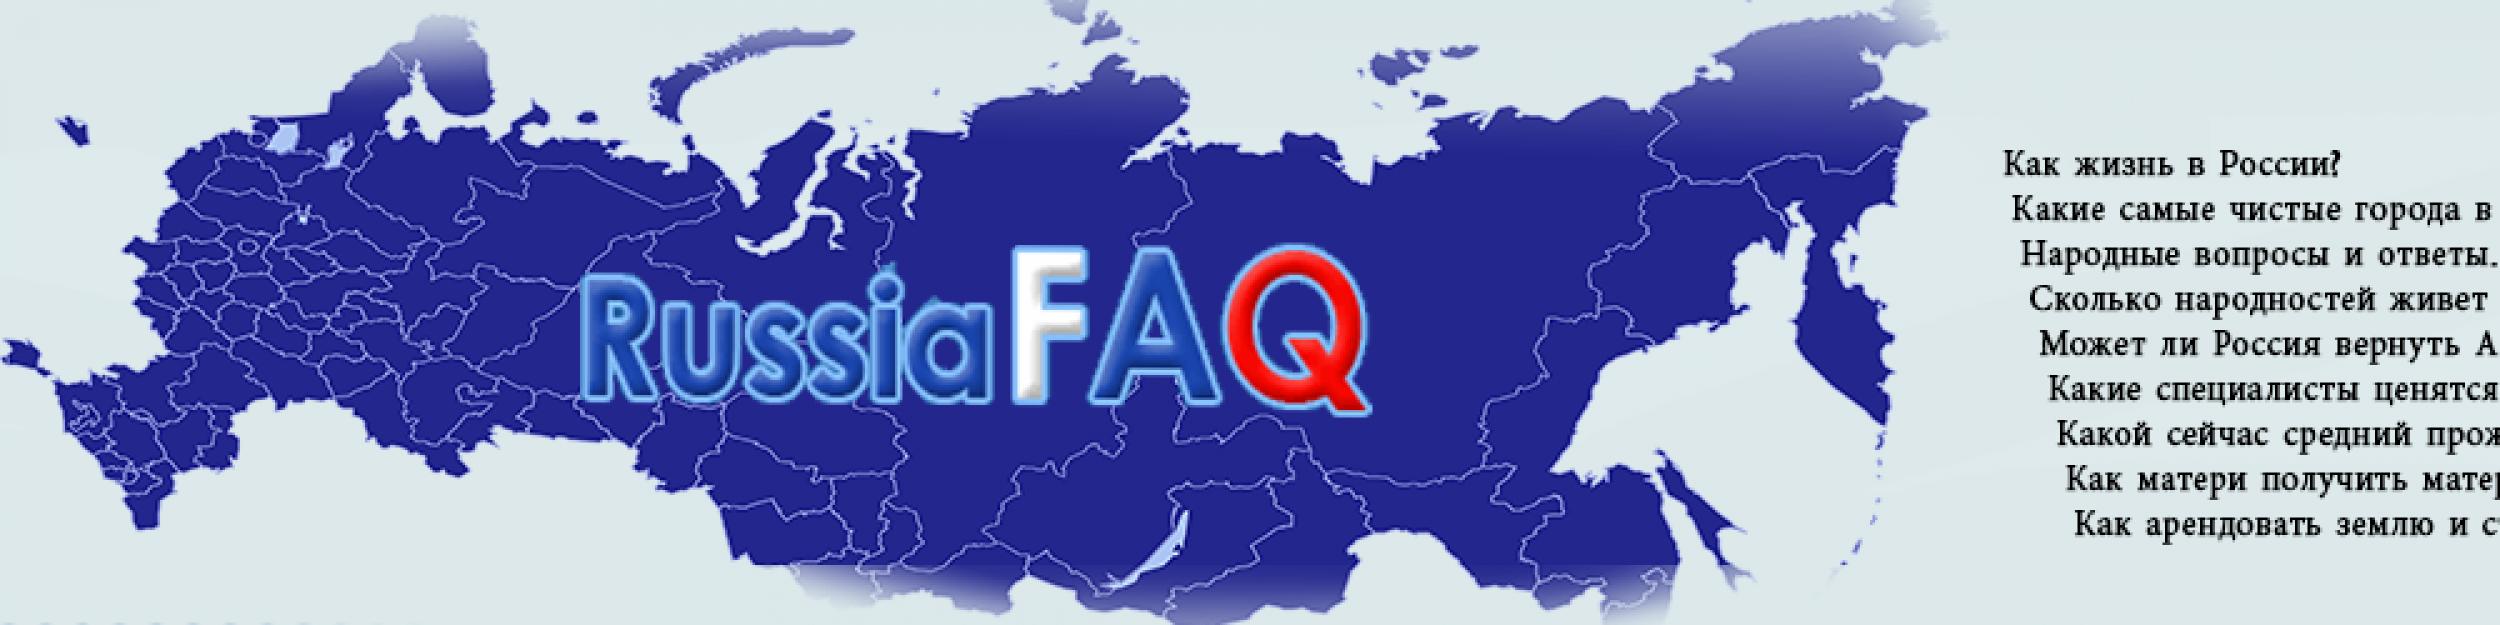 RussiaFAQ